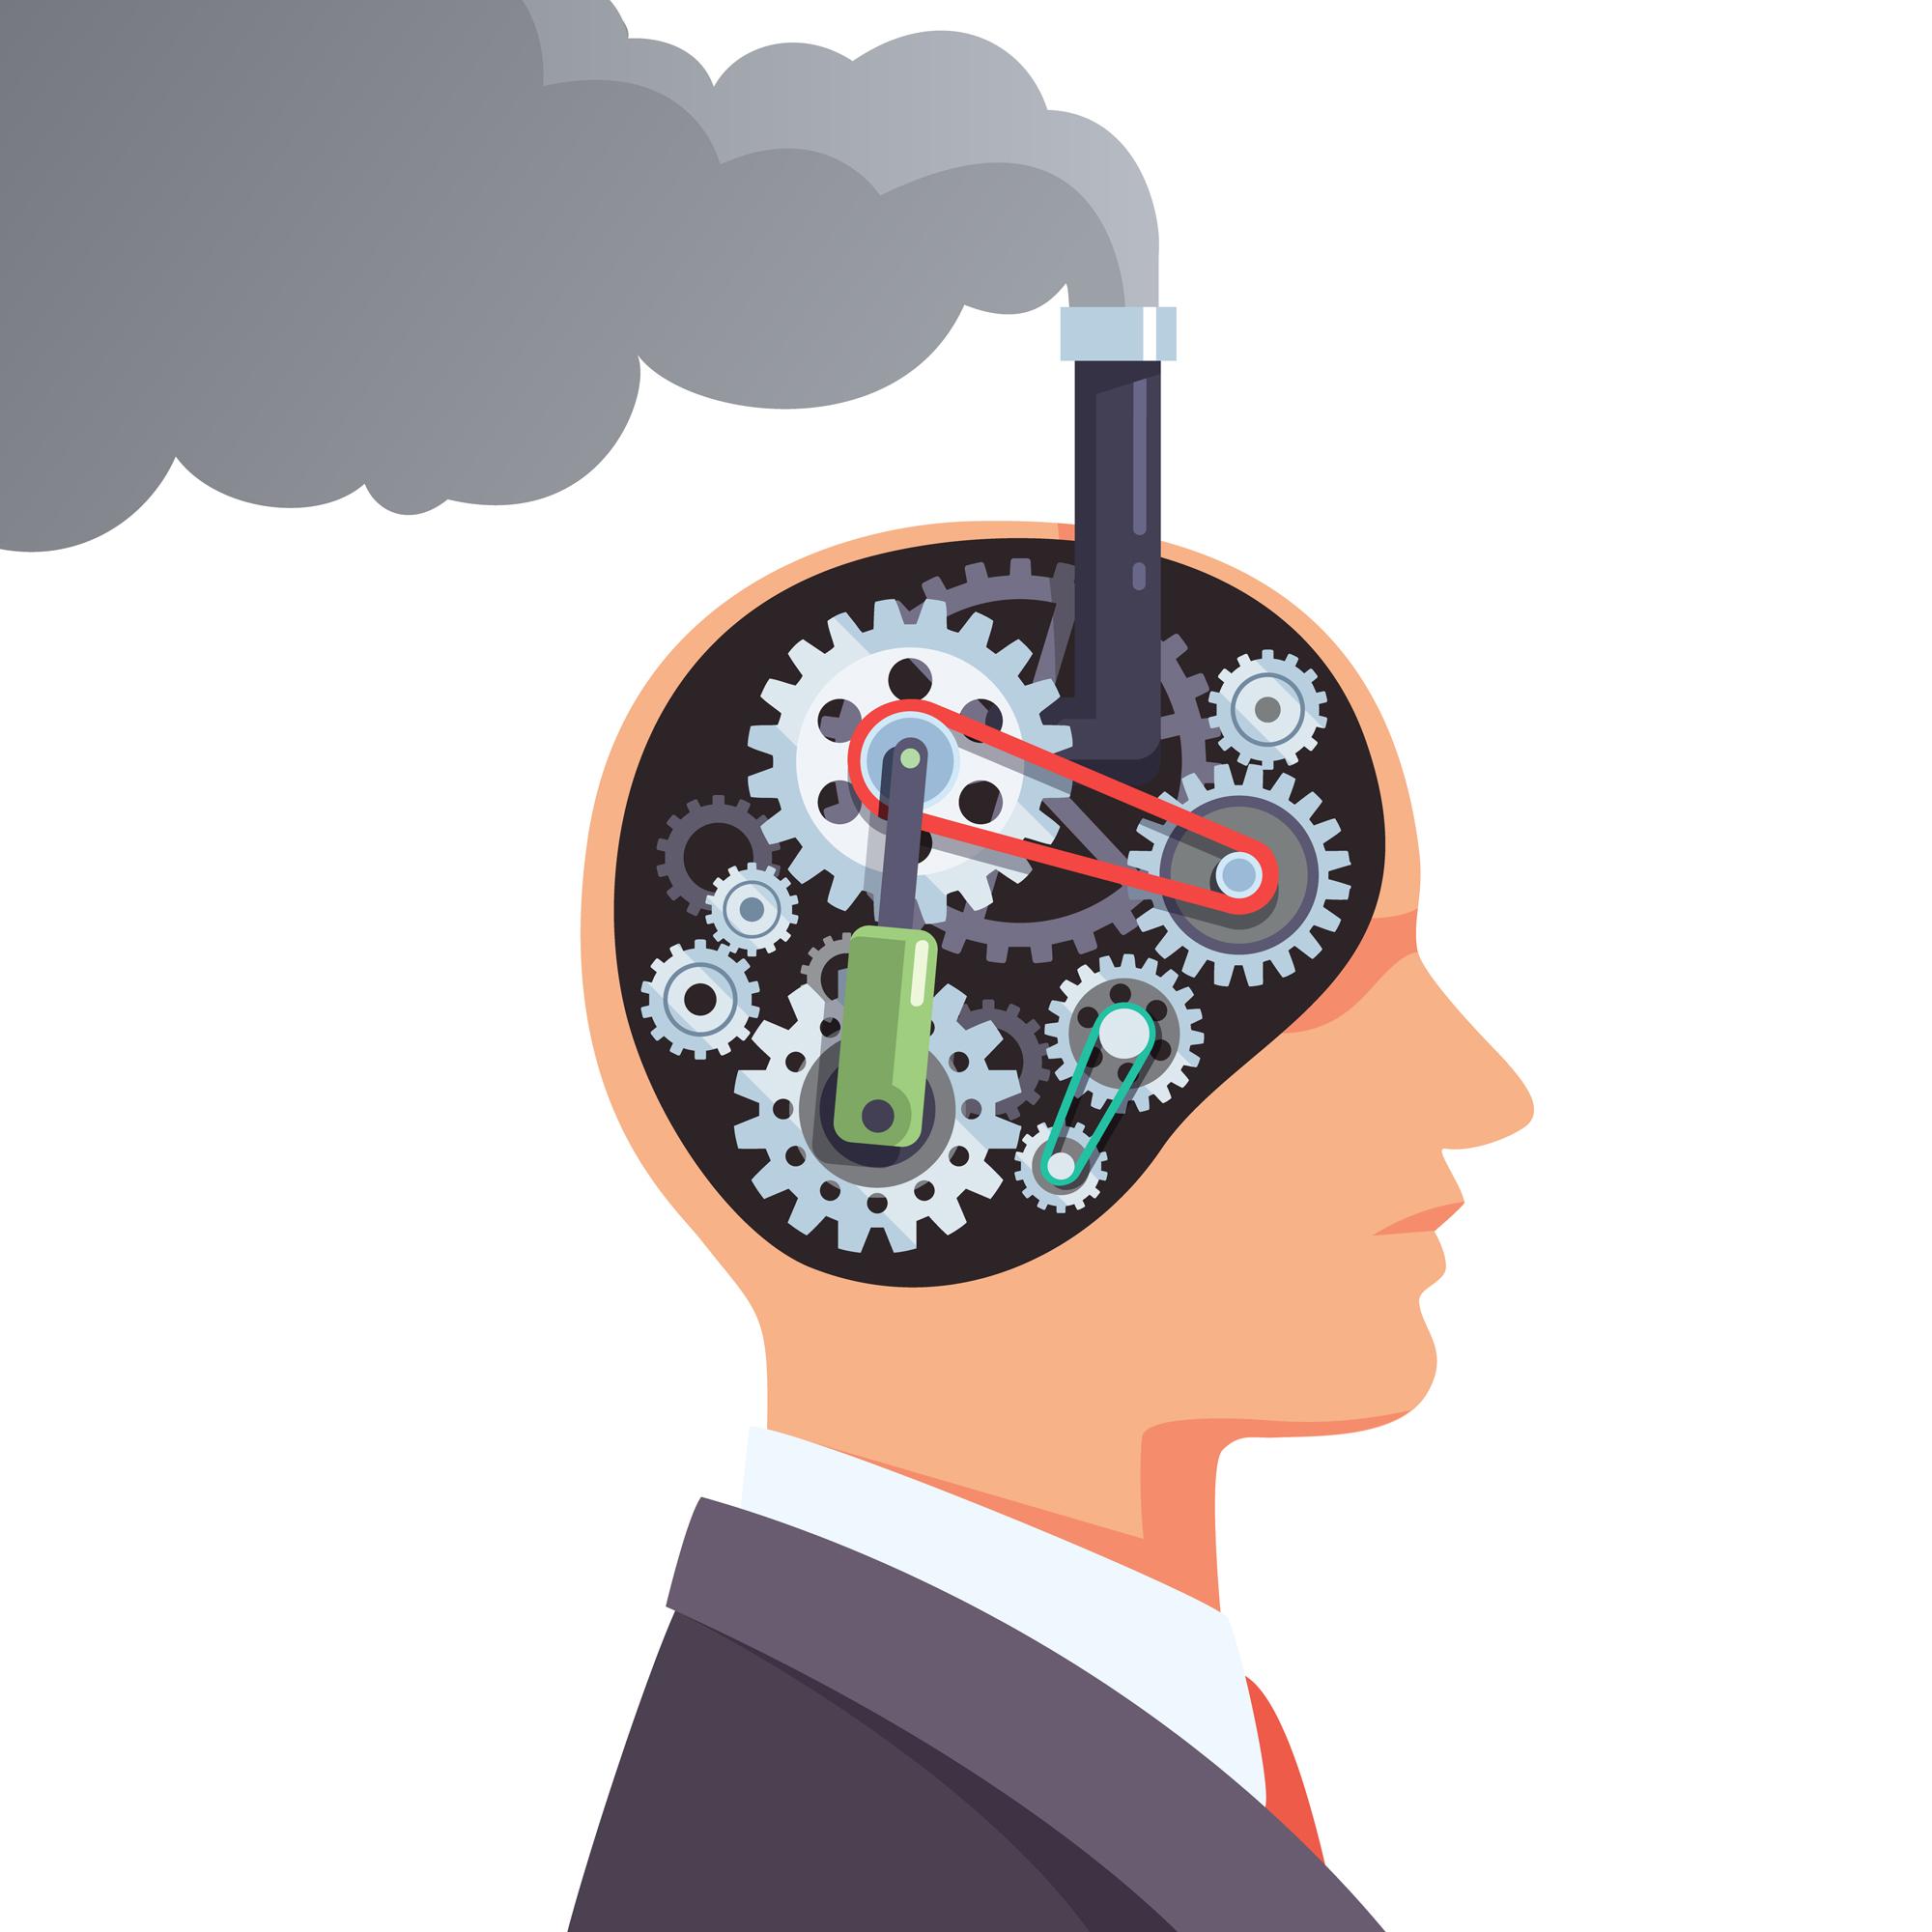 Inteligência aumentada é melhor que a artificial? Descubra agora!